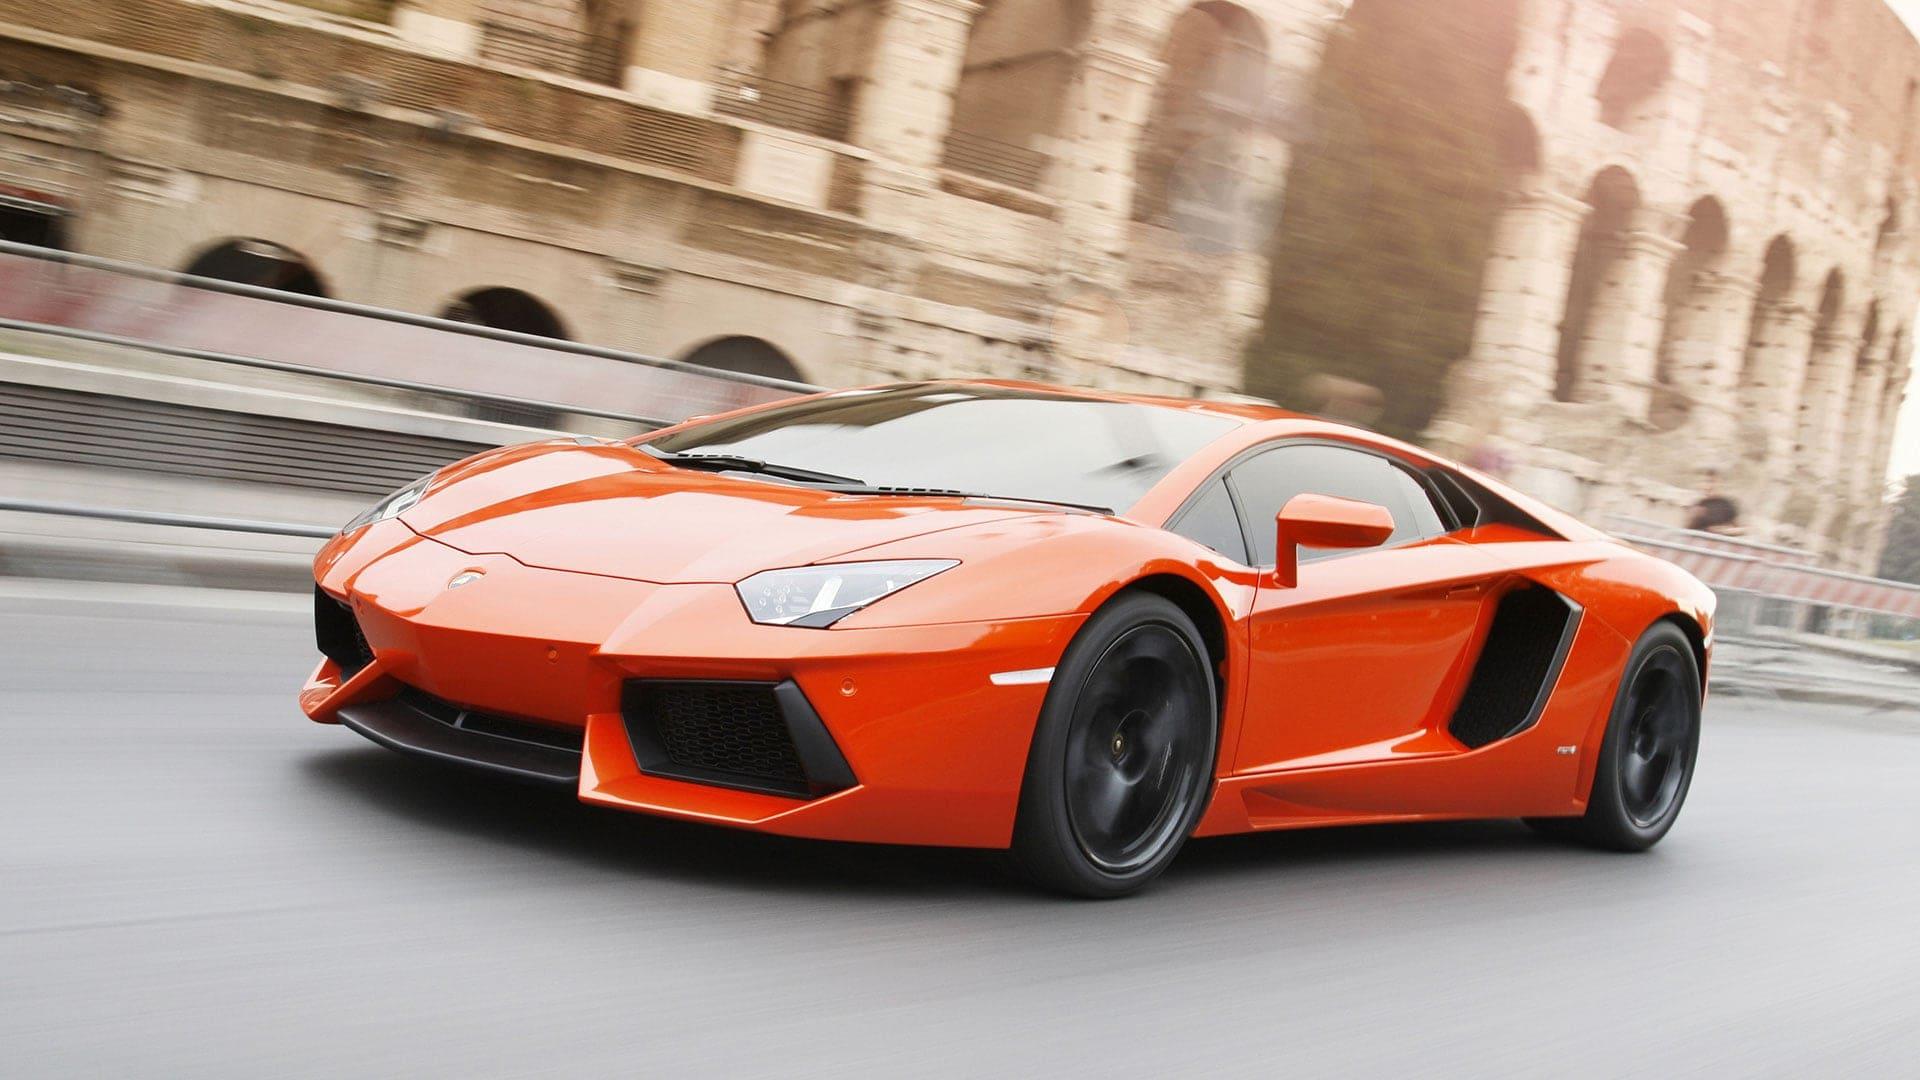 Download Gambar Mobil Lamborghini Aventador Terbaru 2019 Gaulotomotif